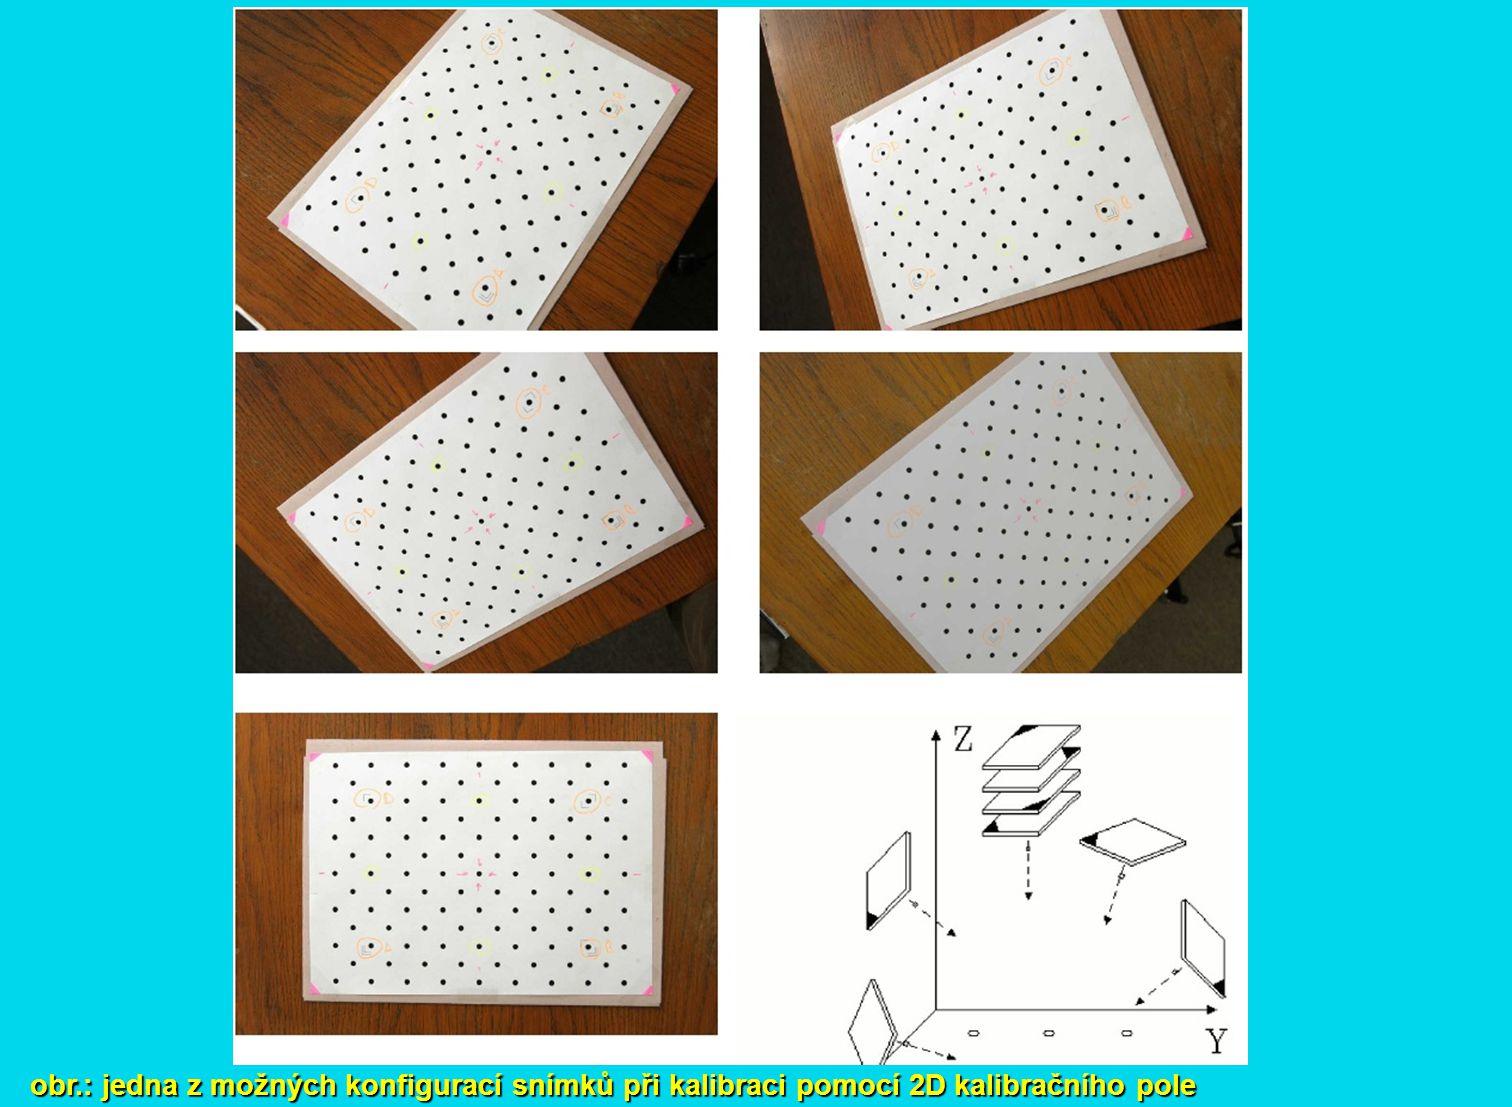 obr.: další příklad konfigurace snímků při kalibraci pomocí 2D kalibračního pole (pro Matlab)